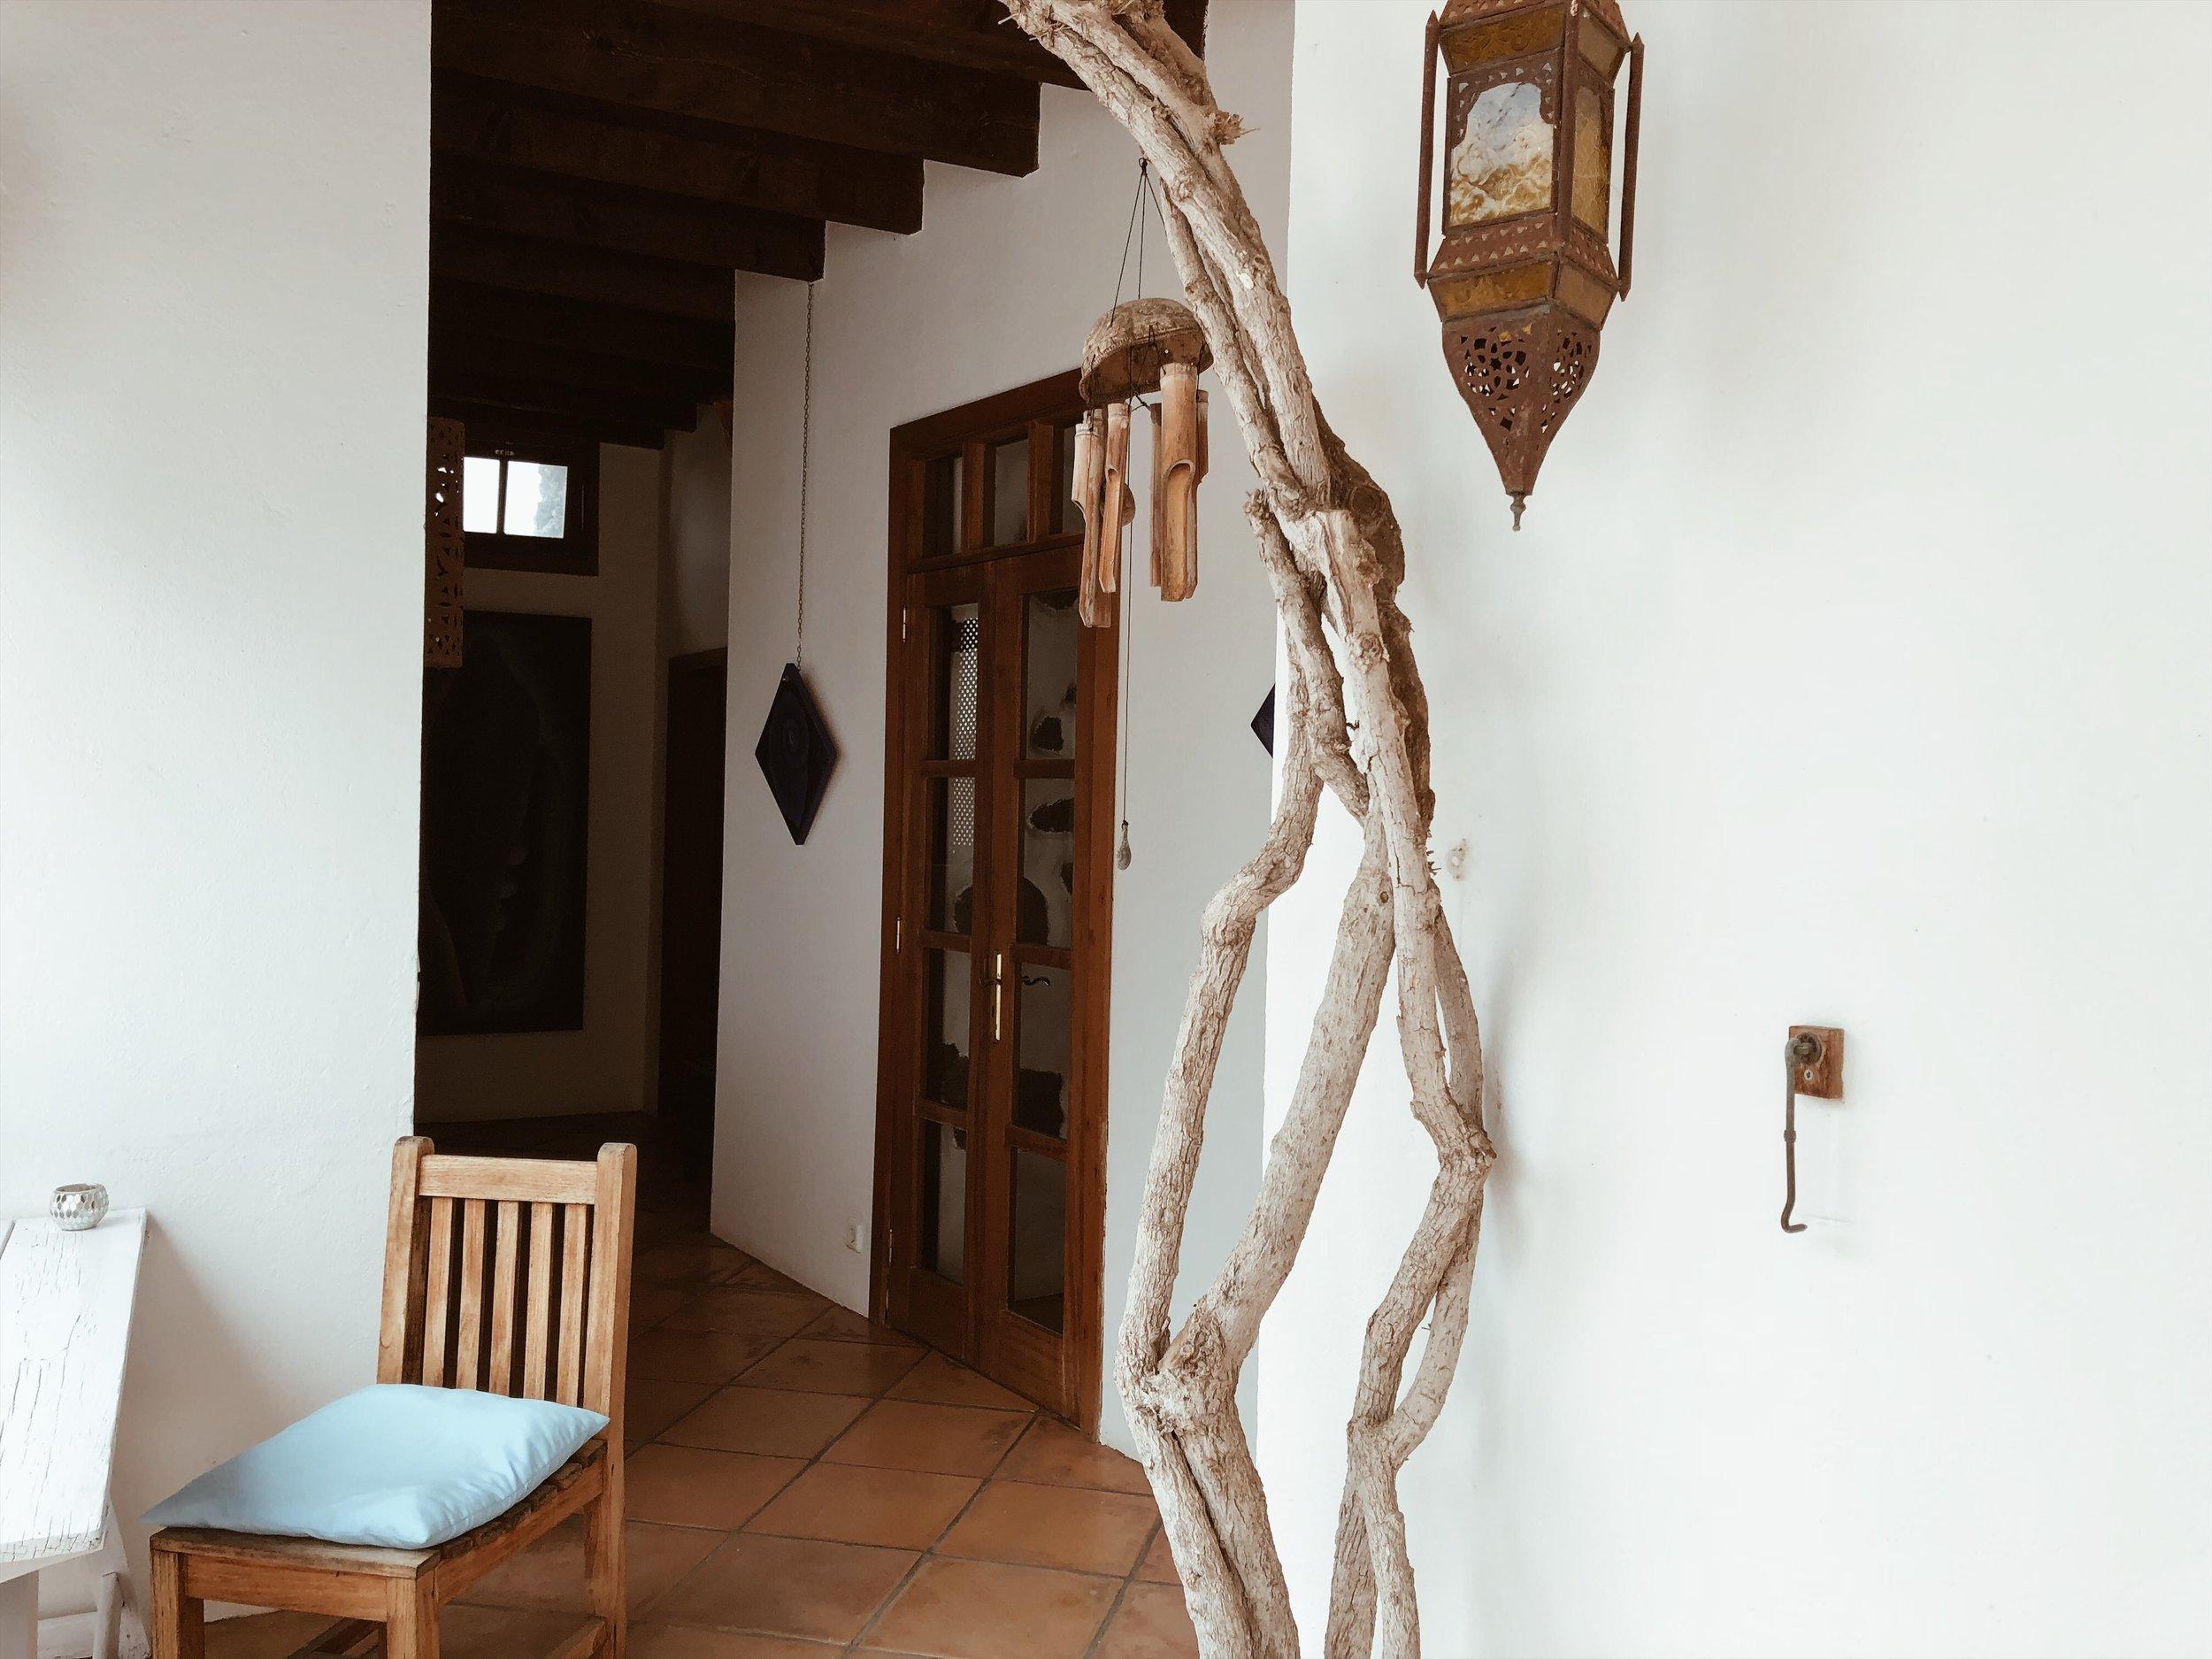 Carnet Sauvage - Blog mode et voyages, direction artistique Lille - voyages Lanzarote, se loger à Uga